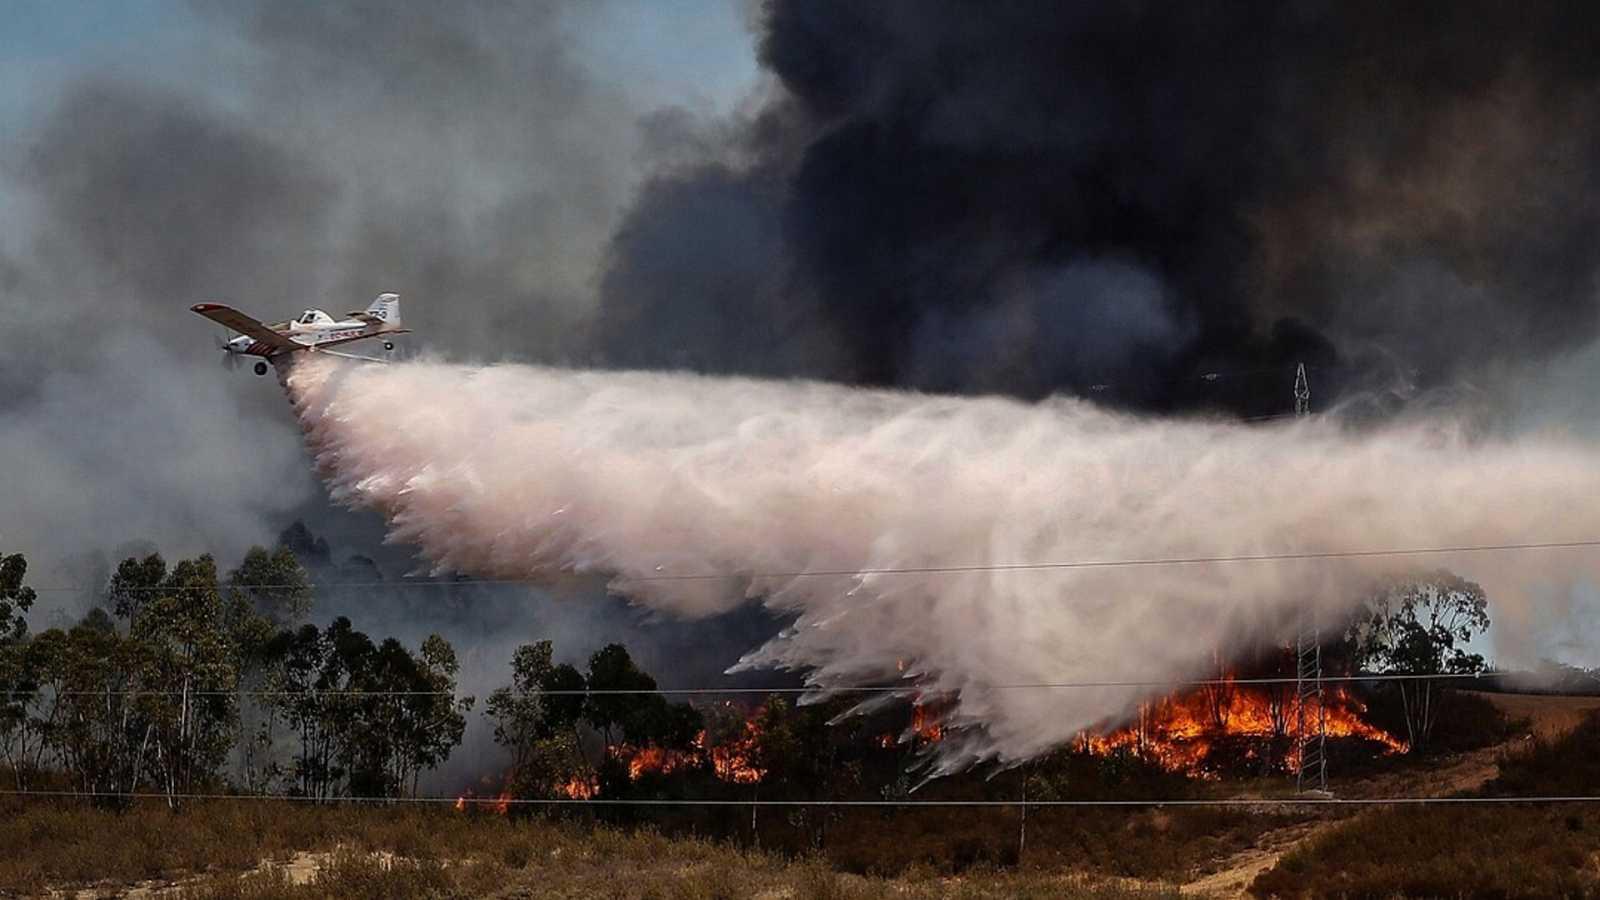 24 horas fin de semana - 20 horas - Mejoran las condiciones para controlar en las próximas horas el incendio de Huelva, el más importante de Andalucía - Escuchar ahora